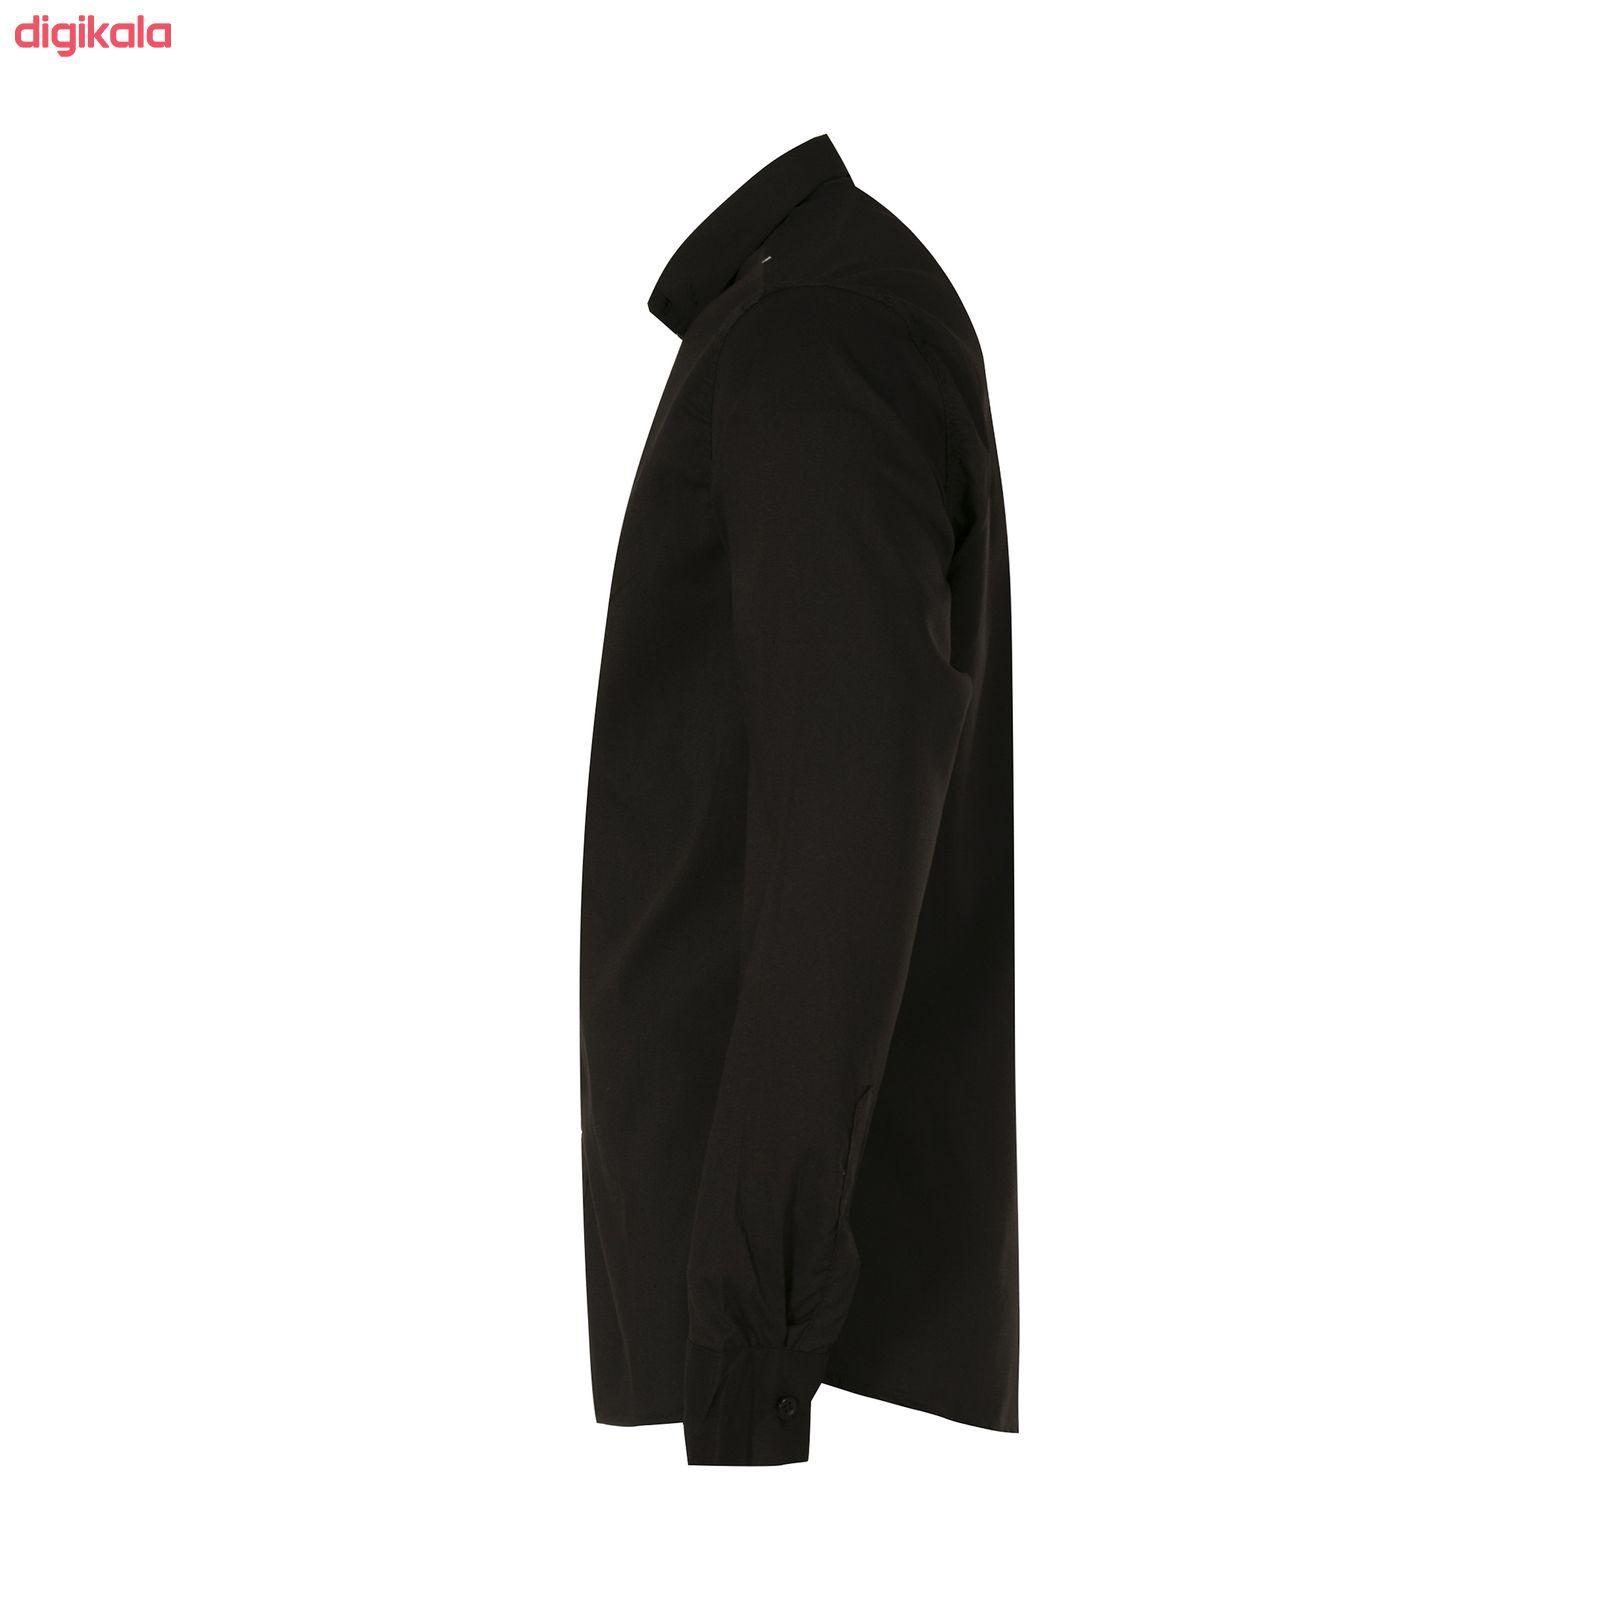 پیراهن آستین بلند مردانه کد PVLF BL-MIR-9906 رنگ مشکی main 1 1